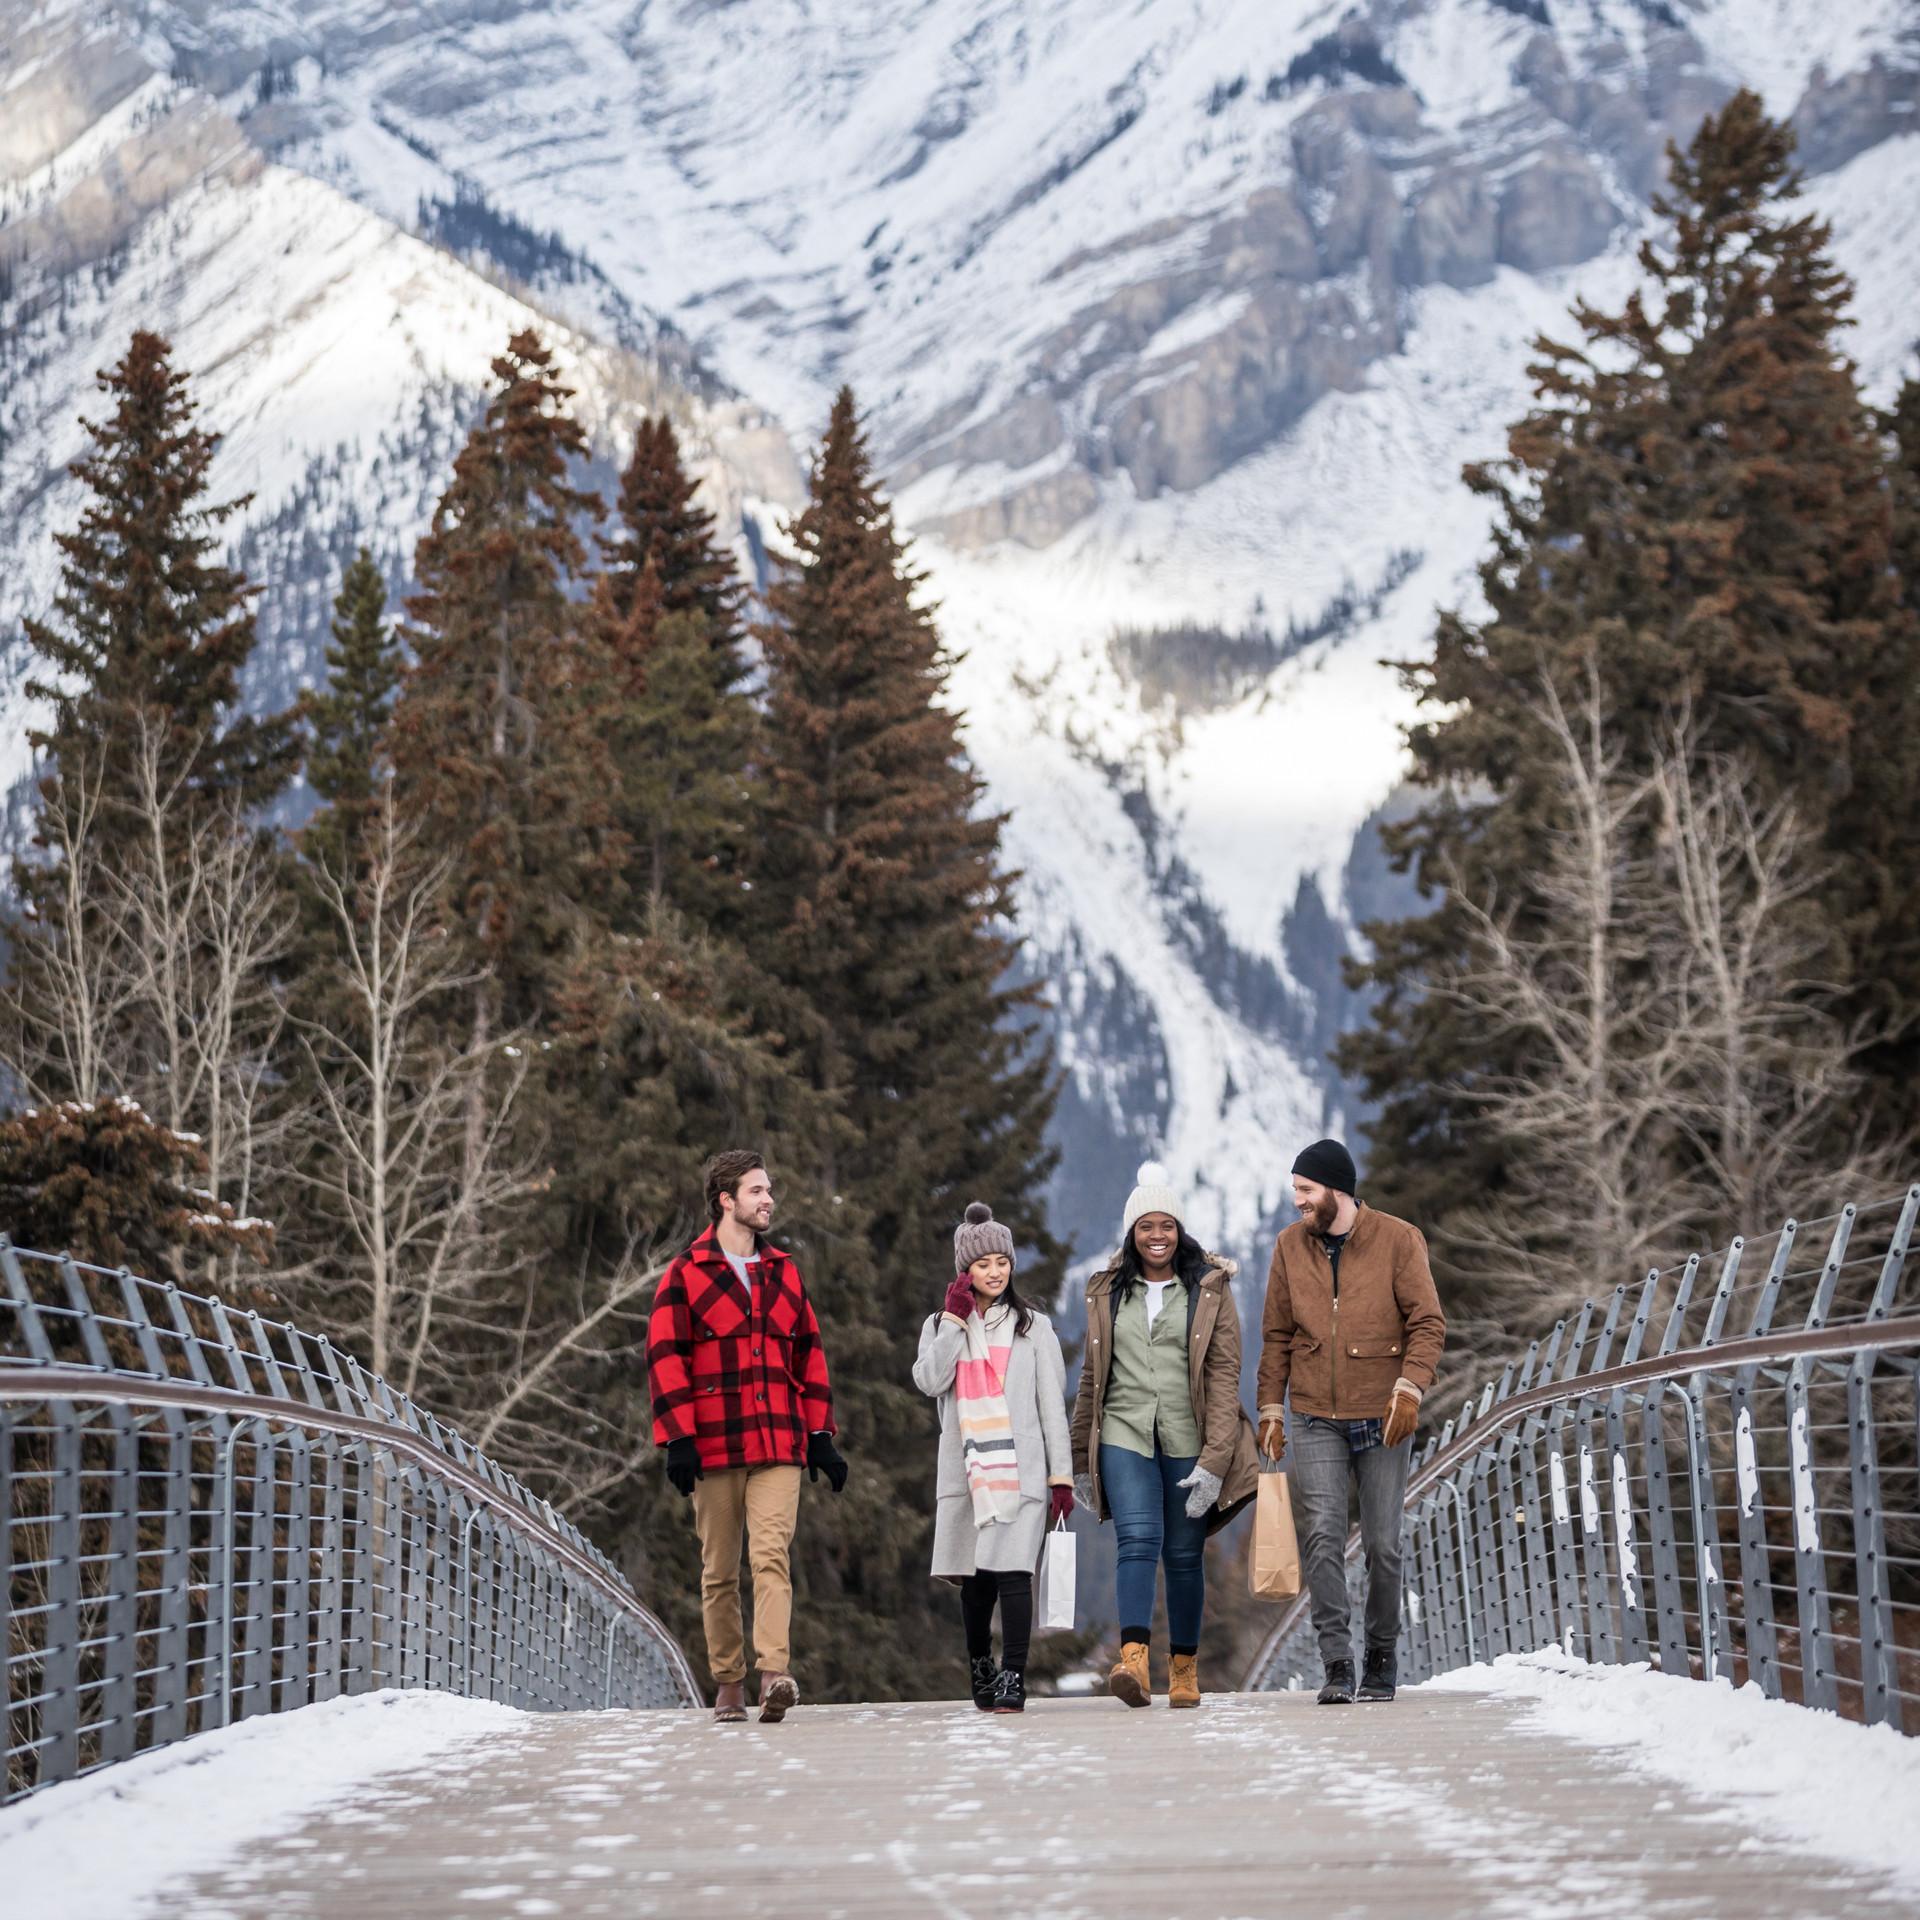 Winter_Friends_Bridge_2018_Noel_Hendrick